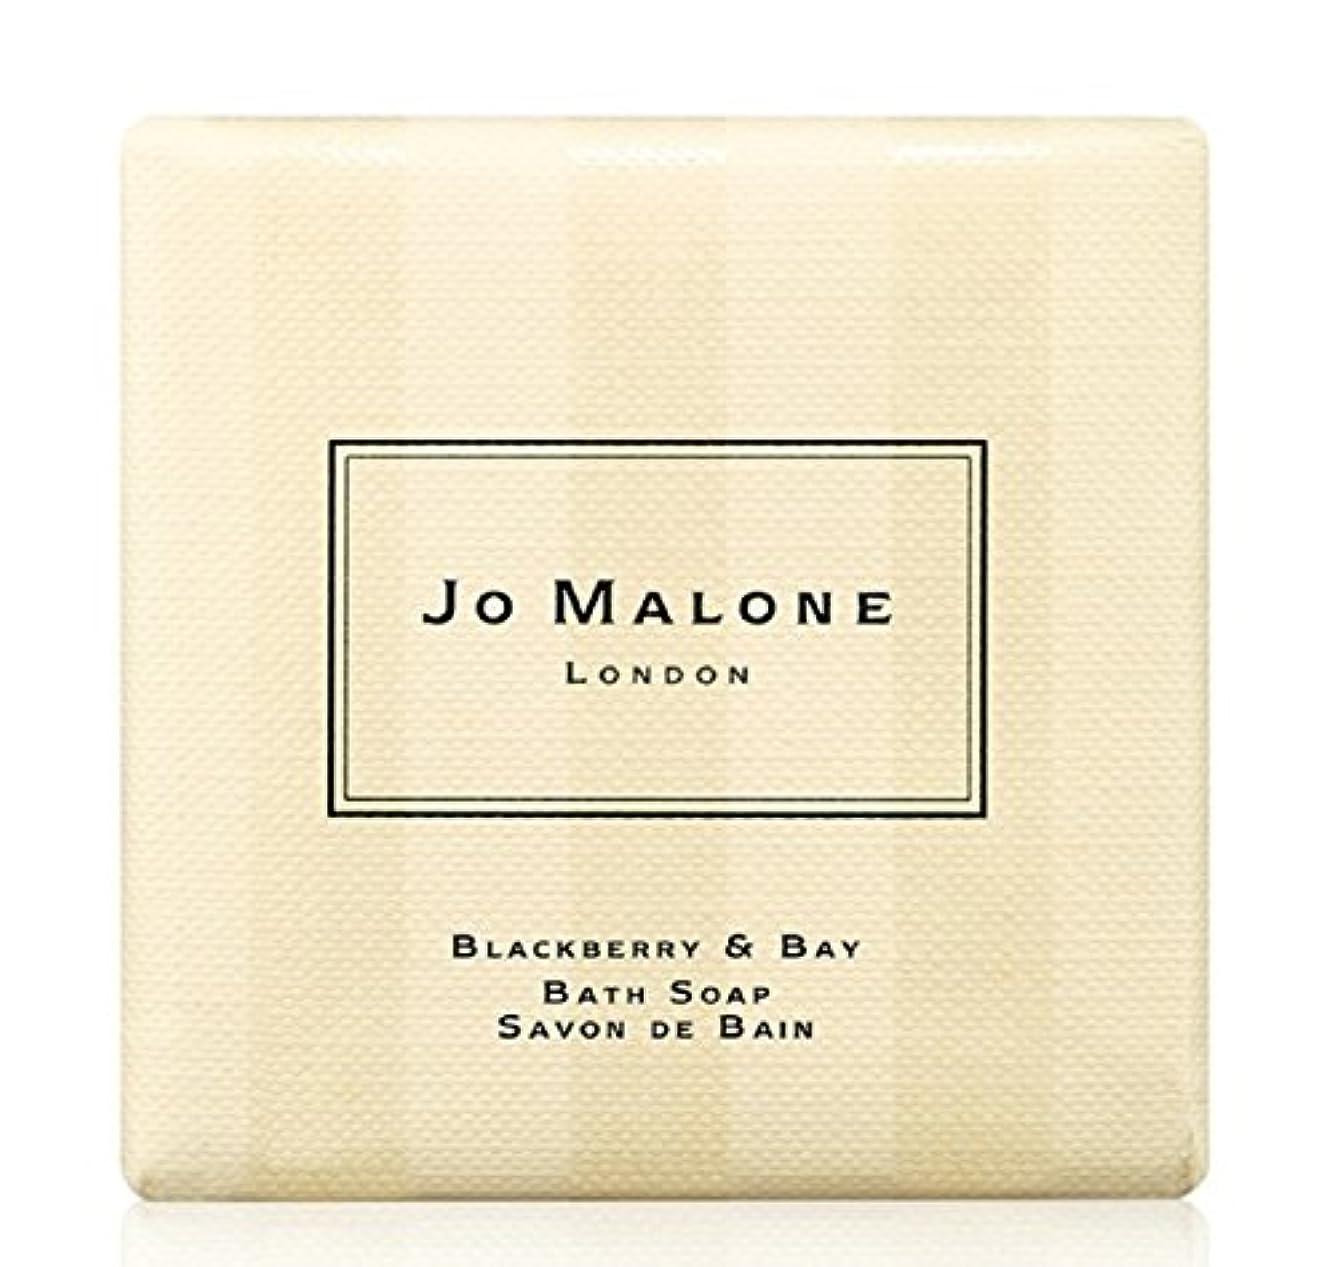 ジャンク発表側ジョーマローン ブラックベリー&ベイ バス ソープ 石鹸 100 g